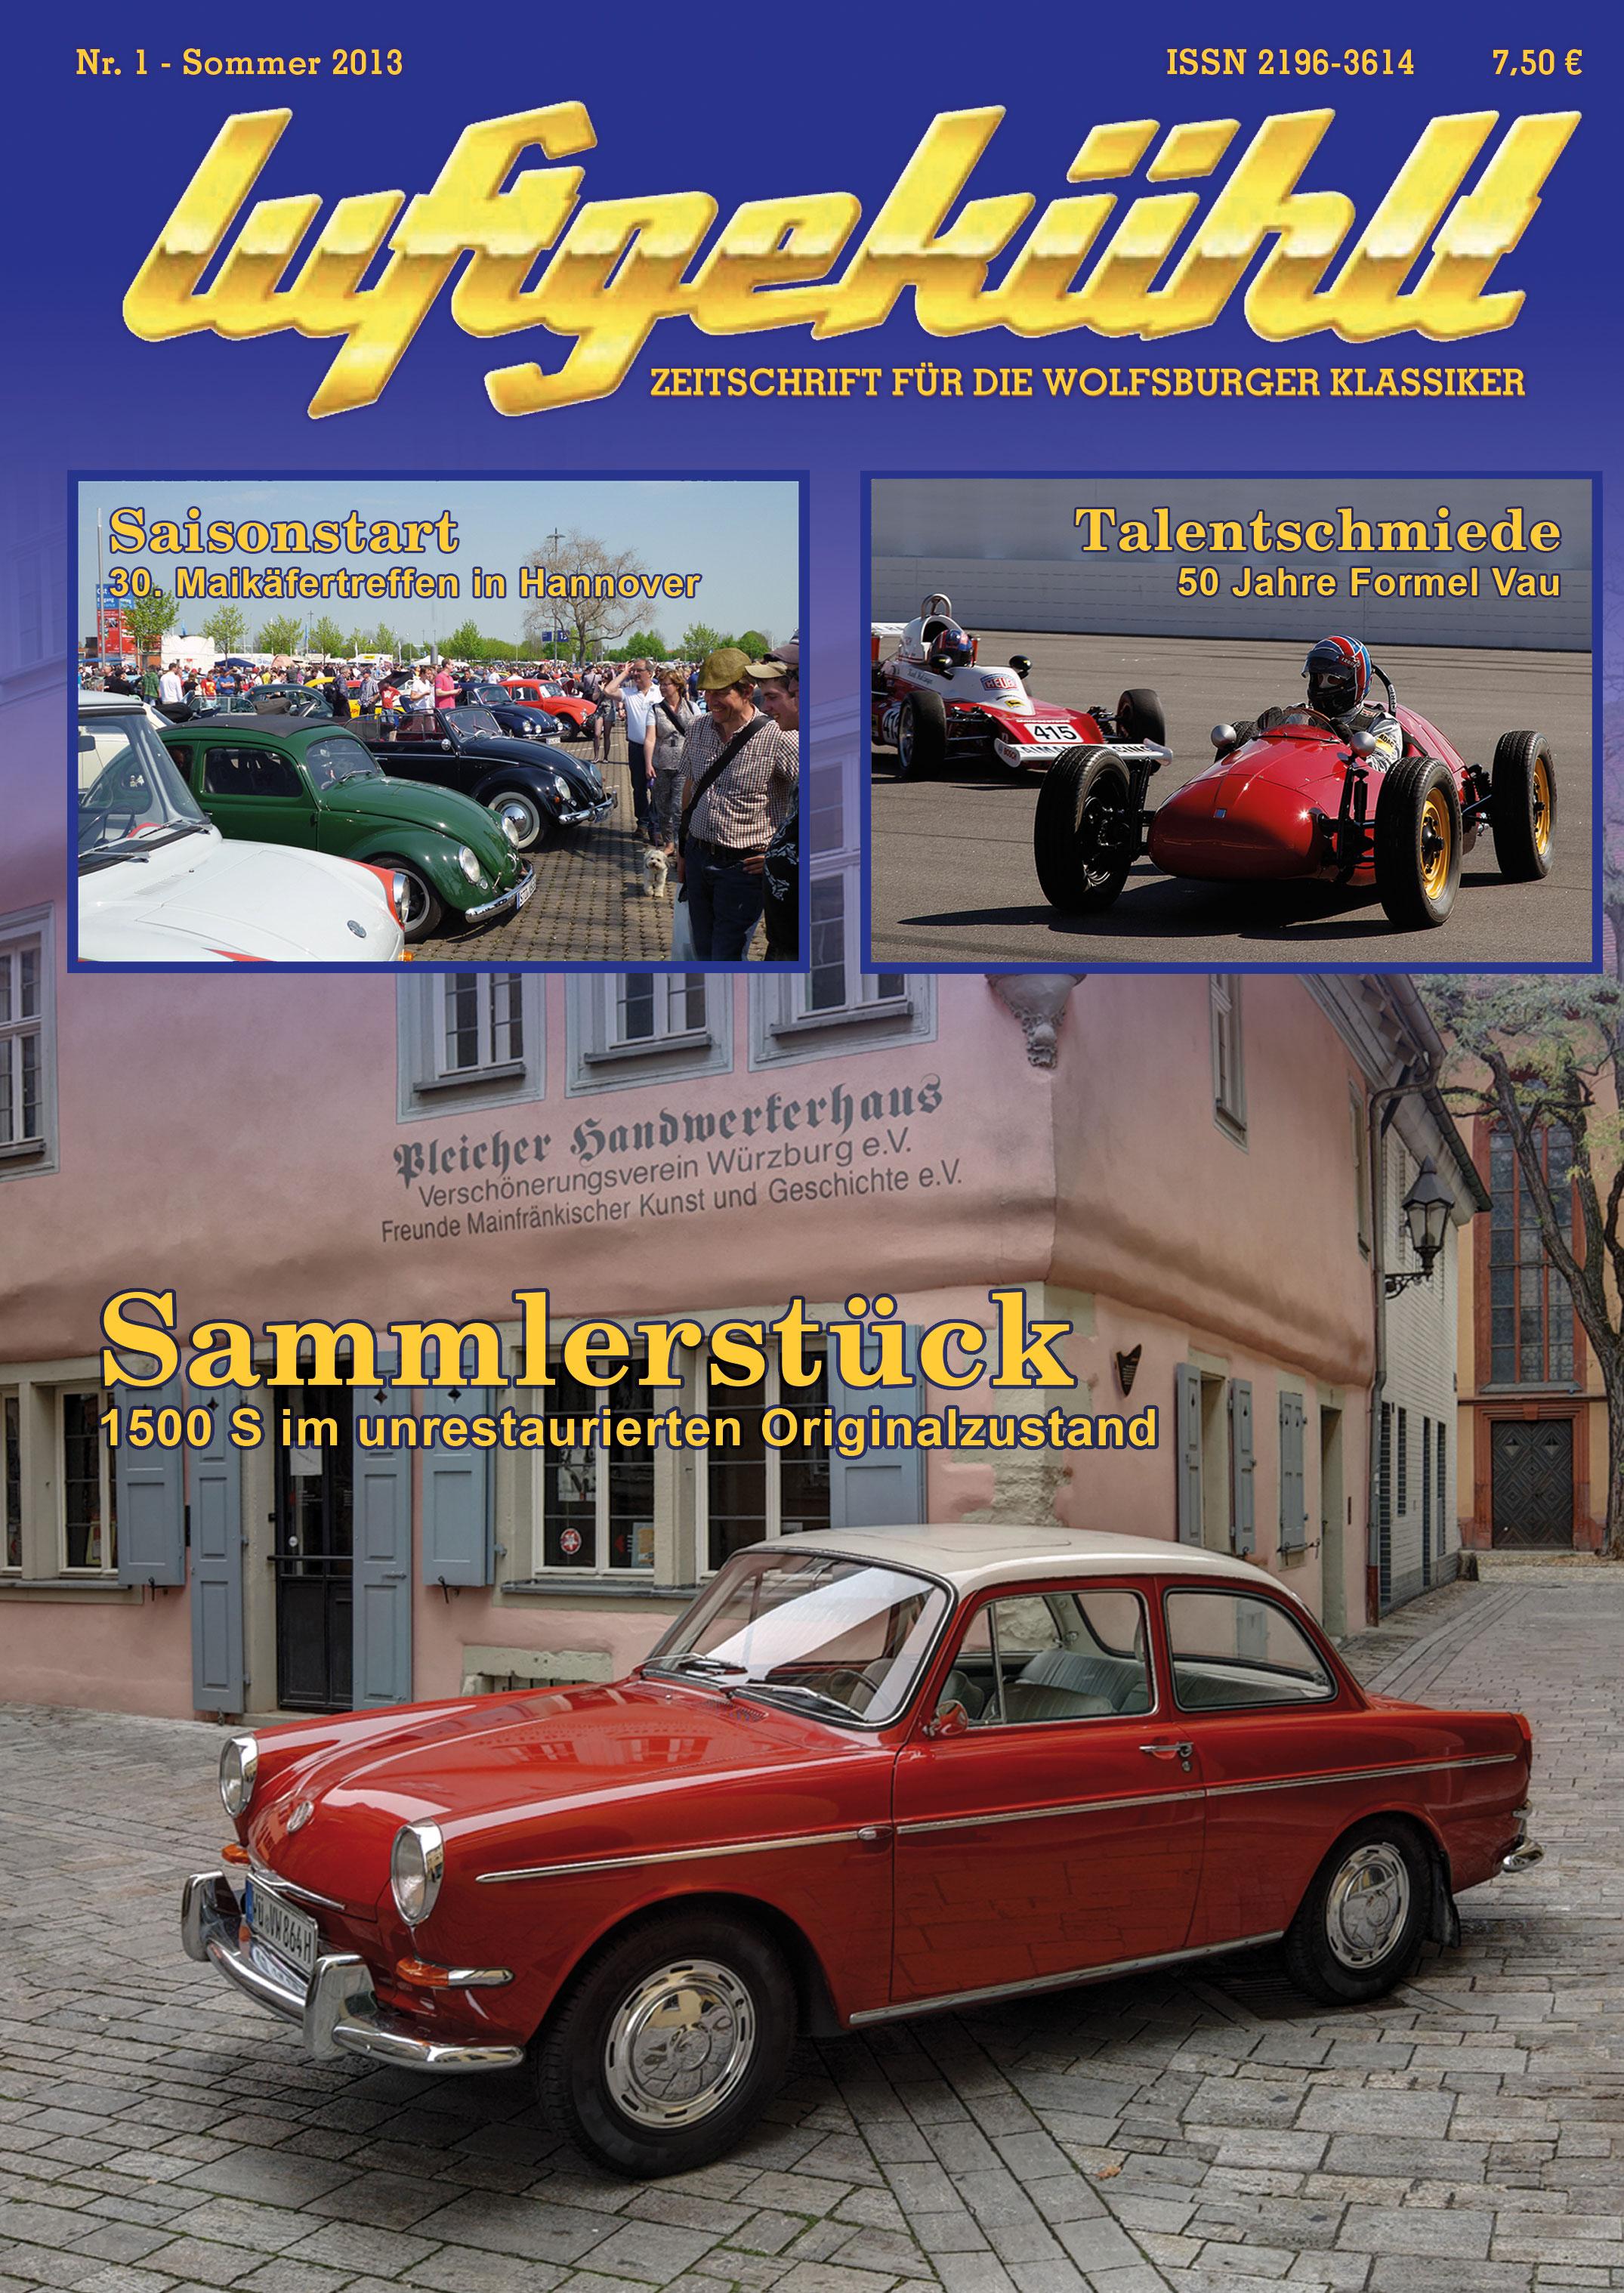 Titelseite des Hefts Nr. 1